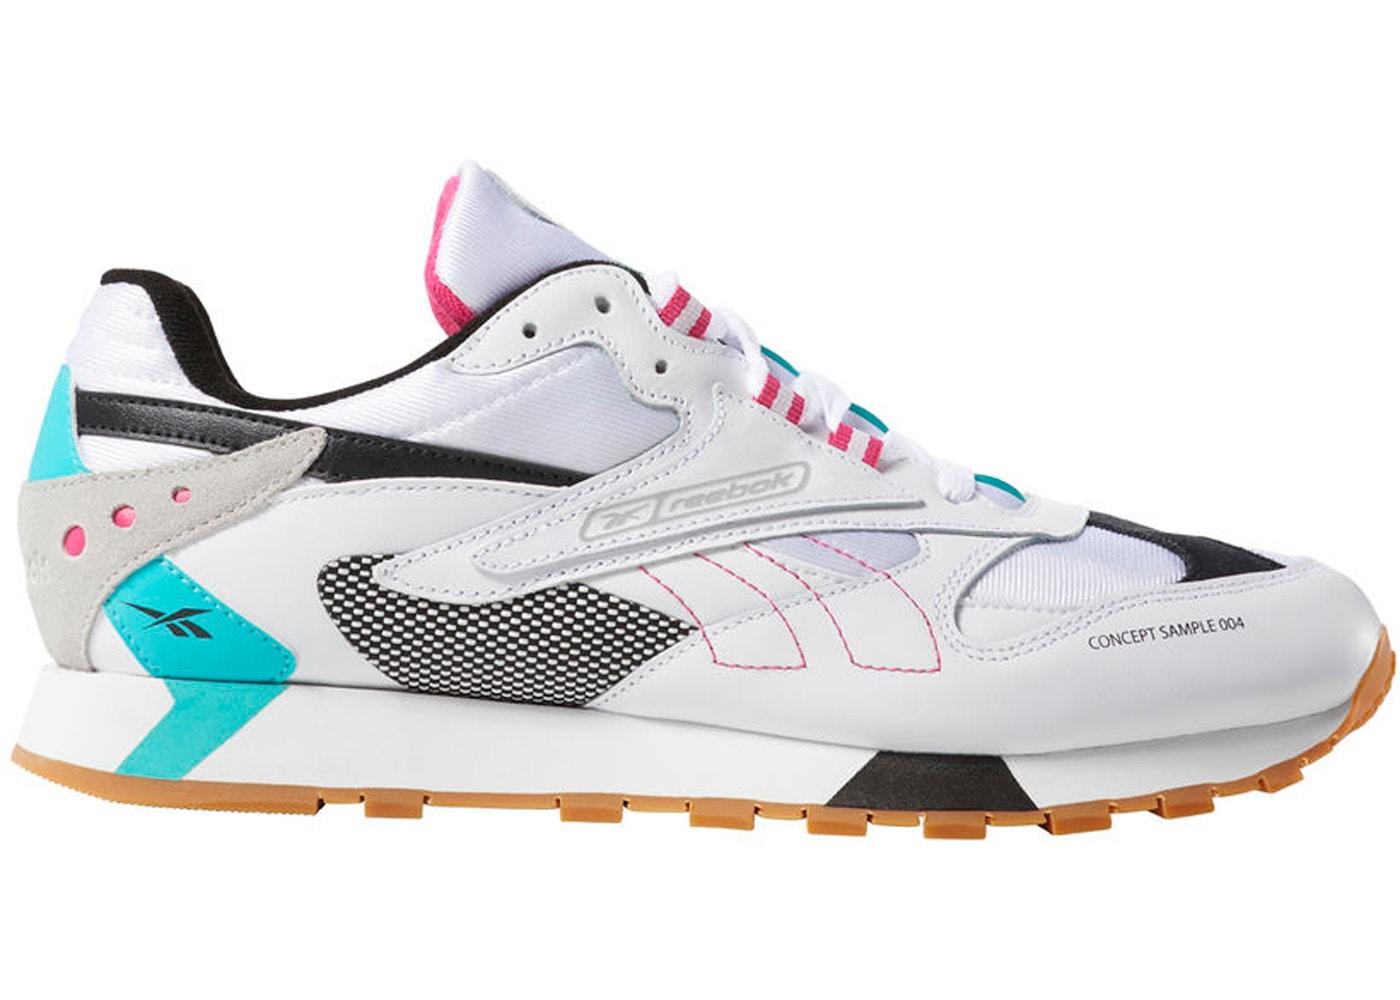 Reebok Shoes - Release Date 44587965d